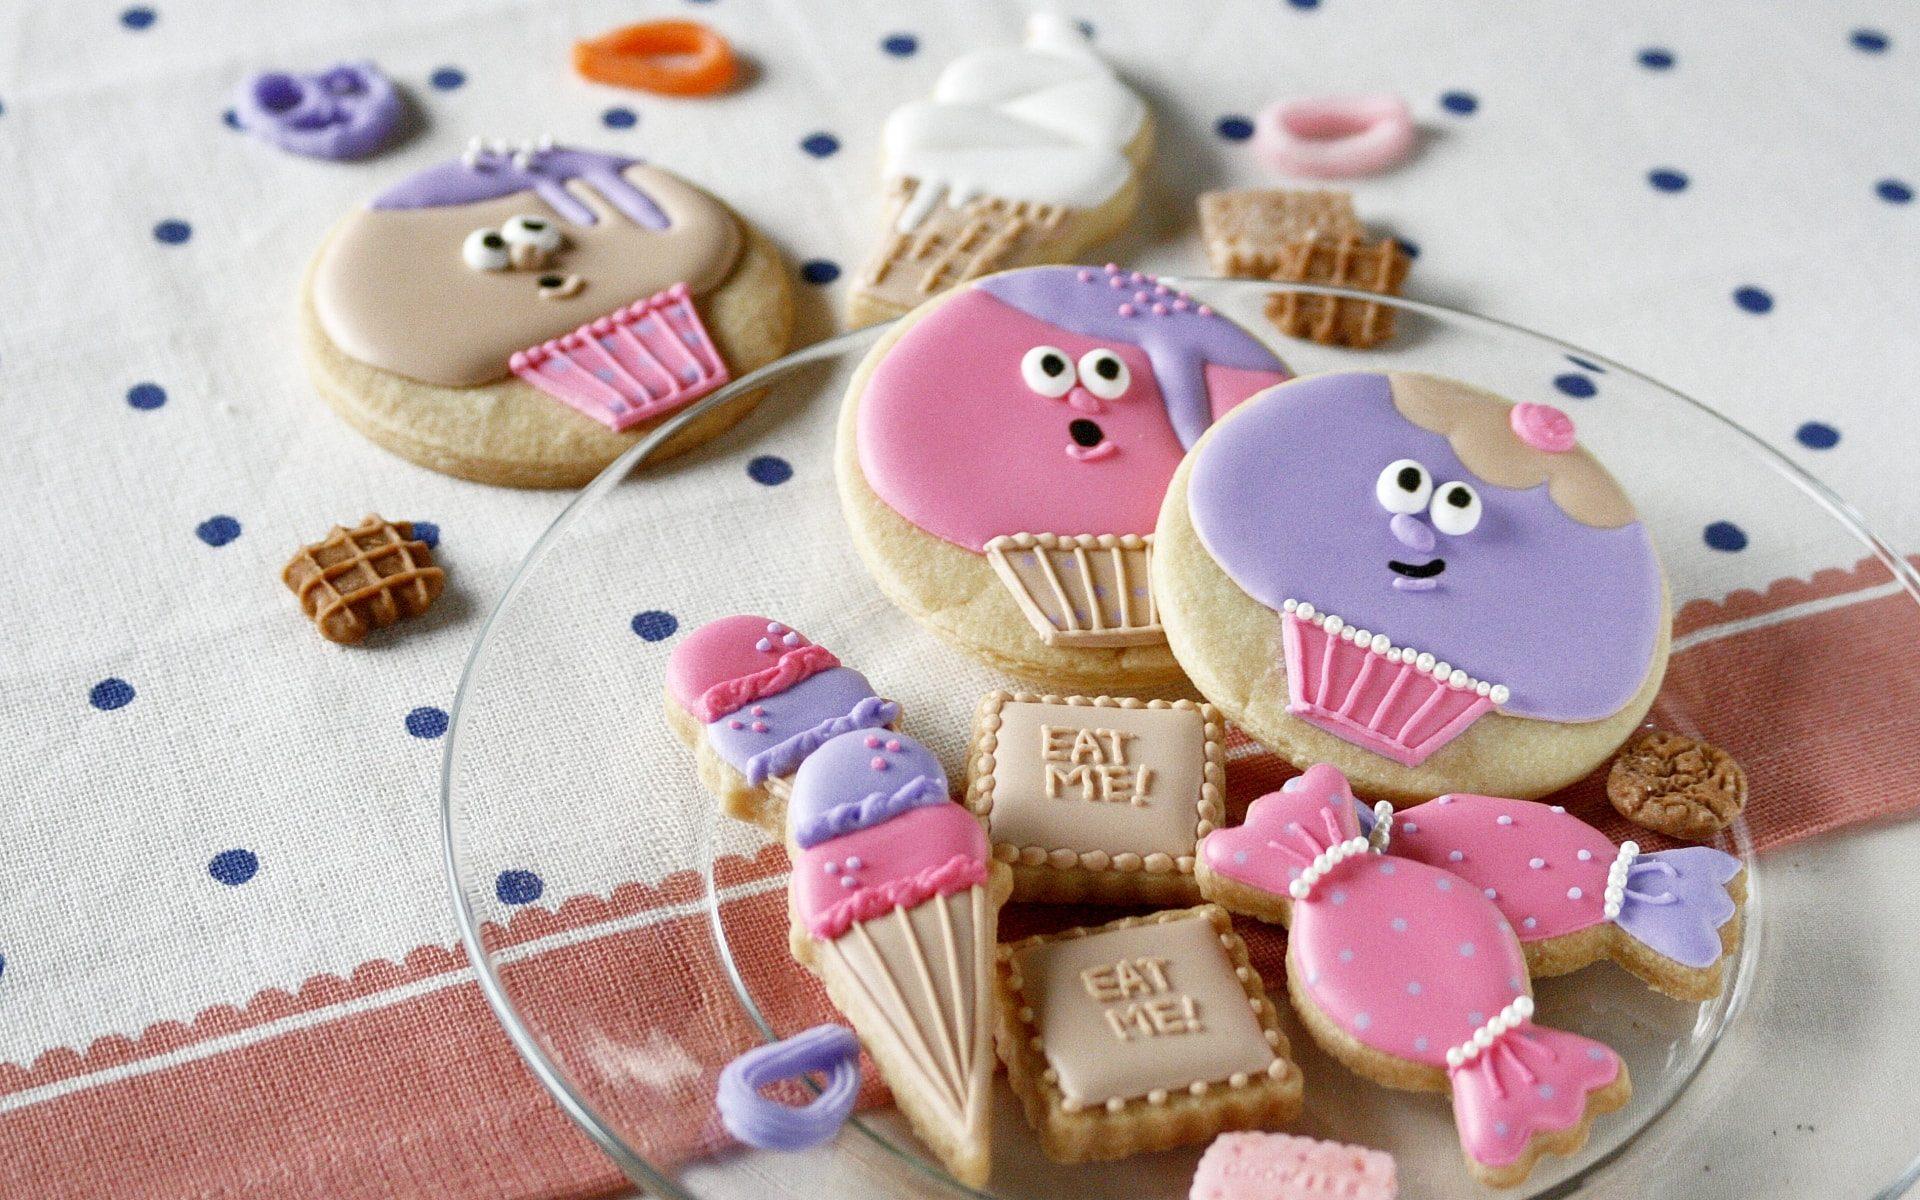 お菓子作りの魅力!ハマってしまう人も多いのでは?